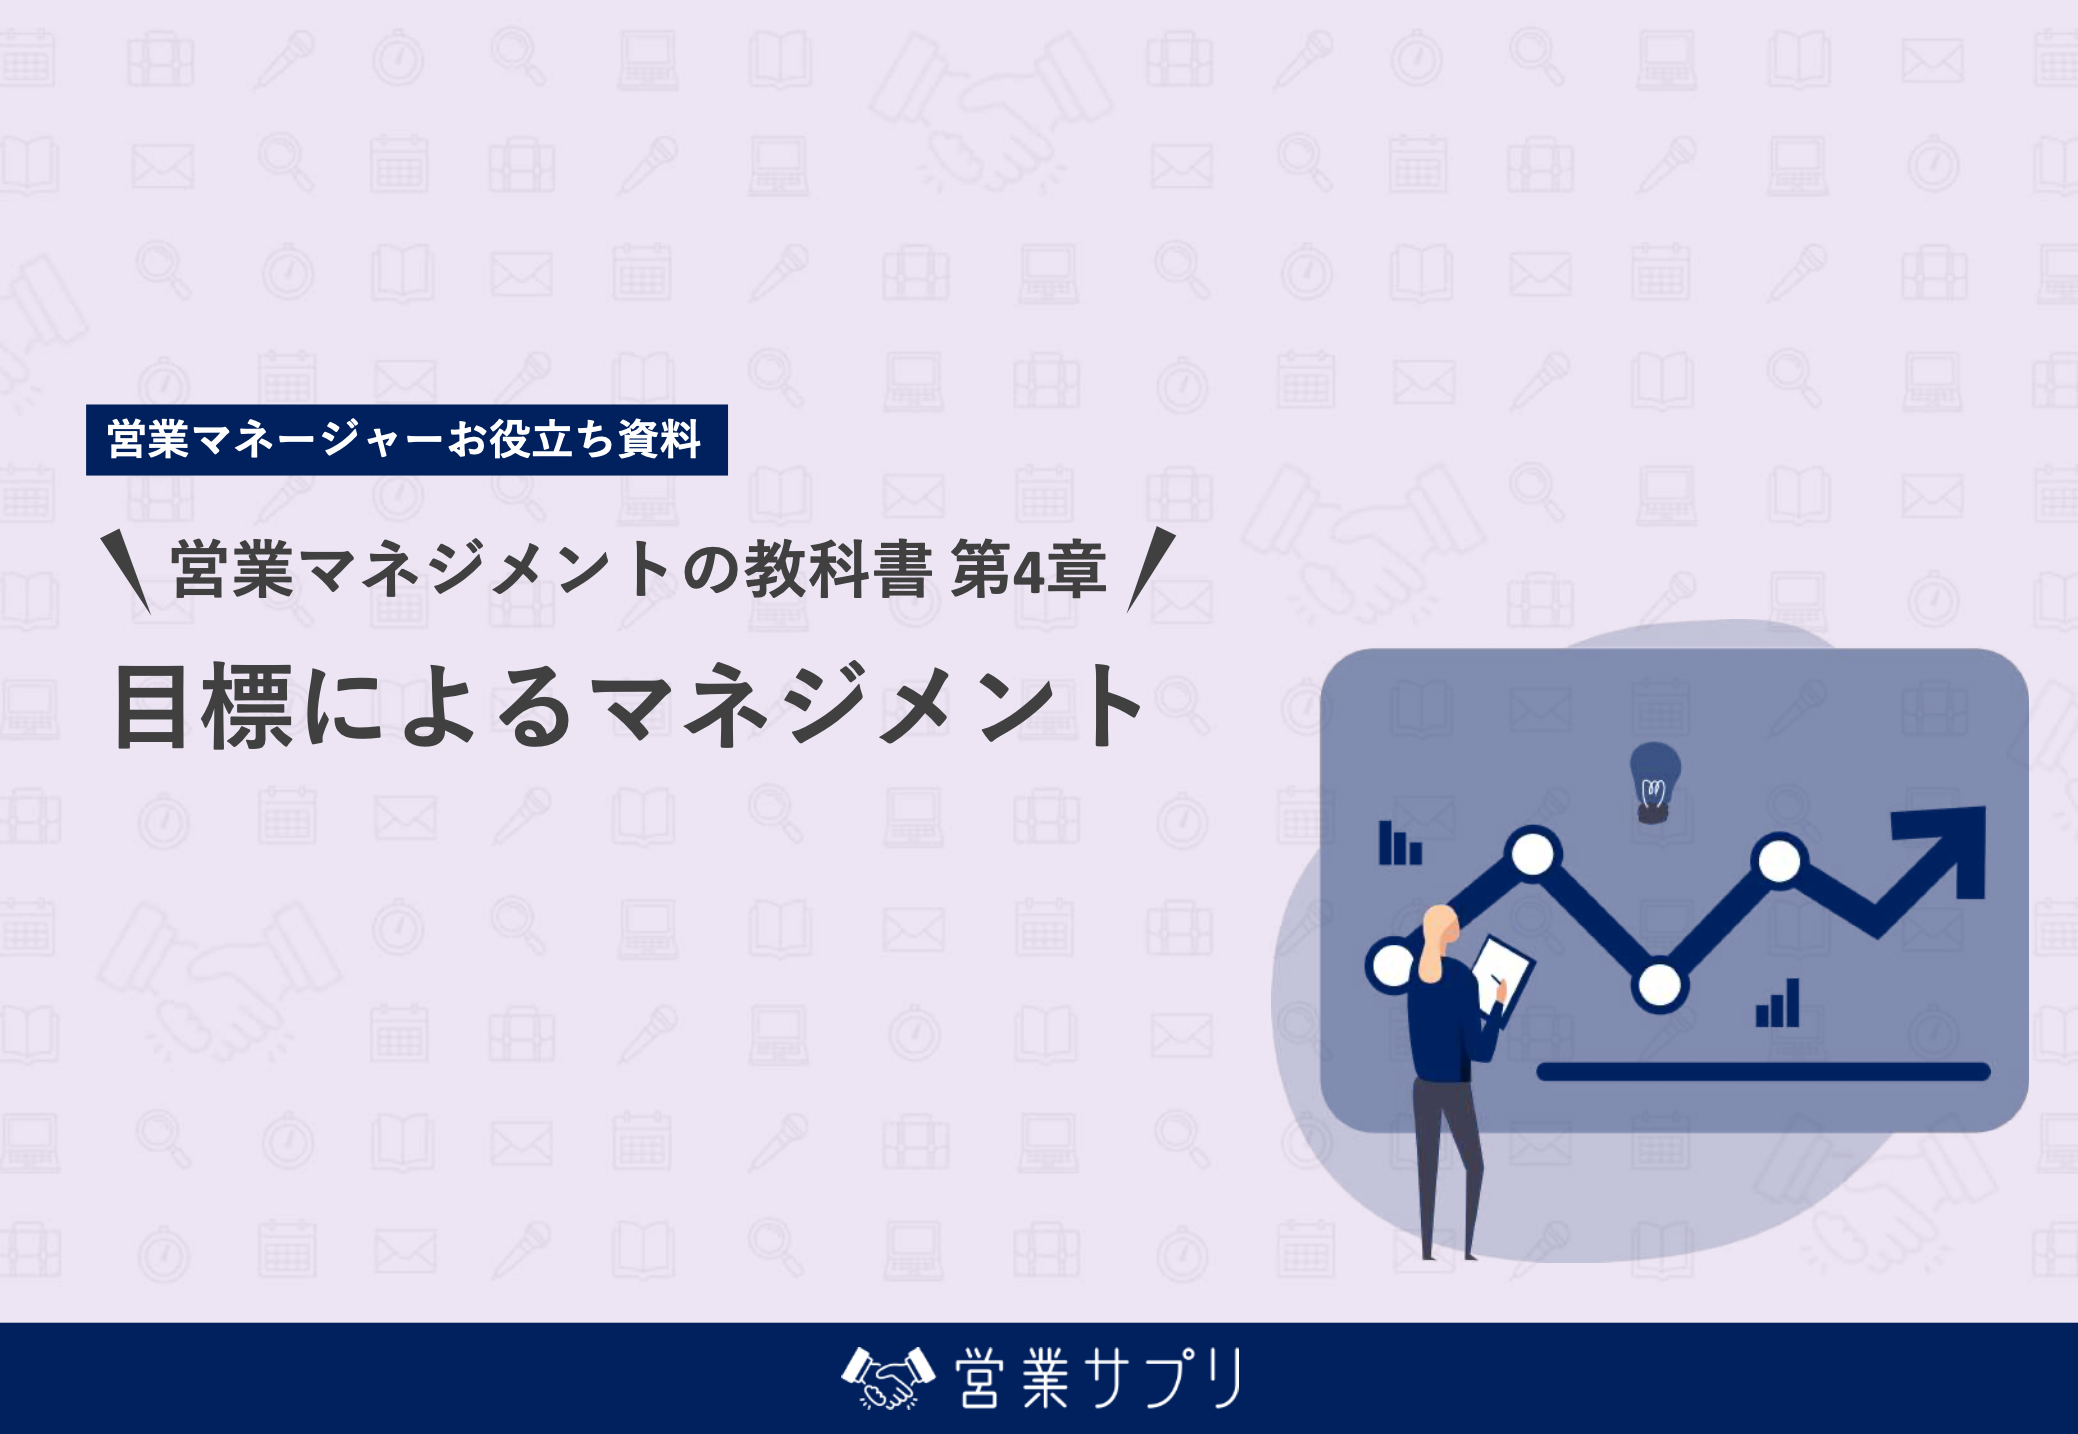 営業マネジメントの教科書 第4章 目標によるマネジメント